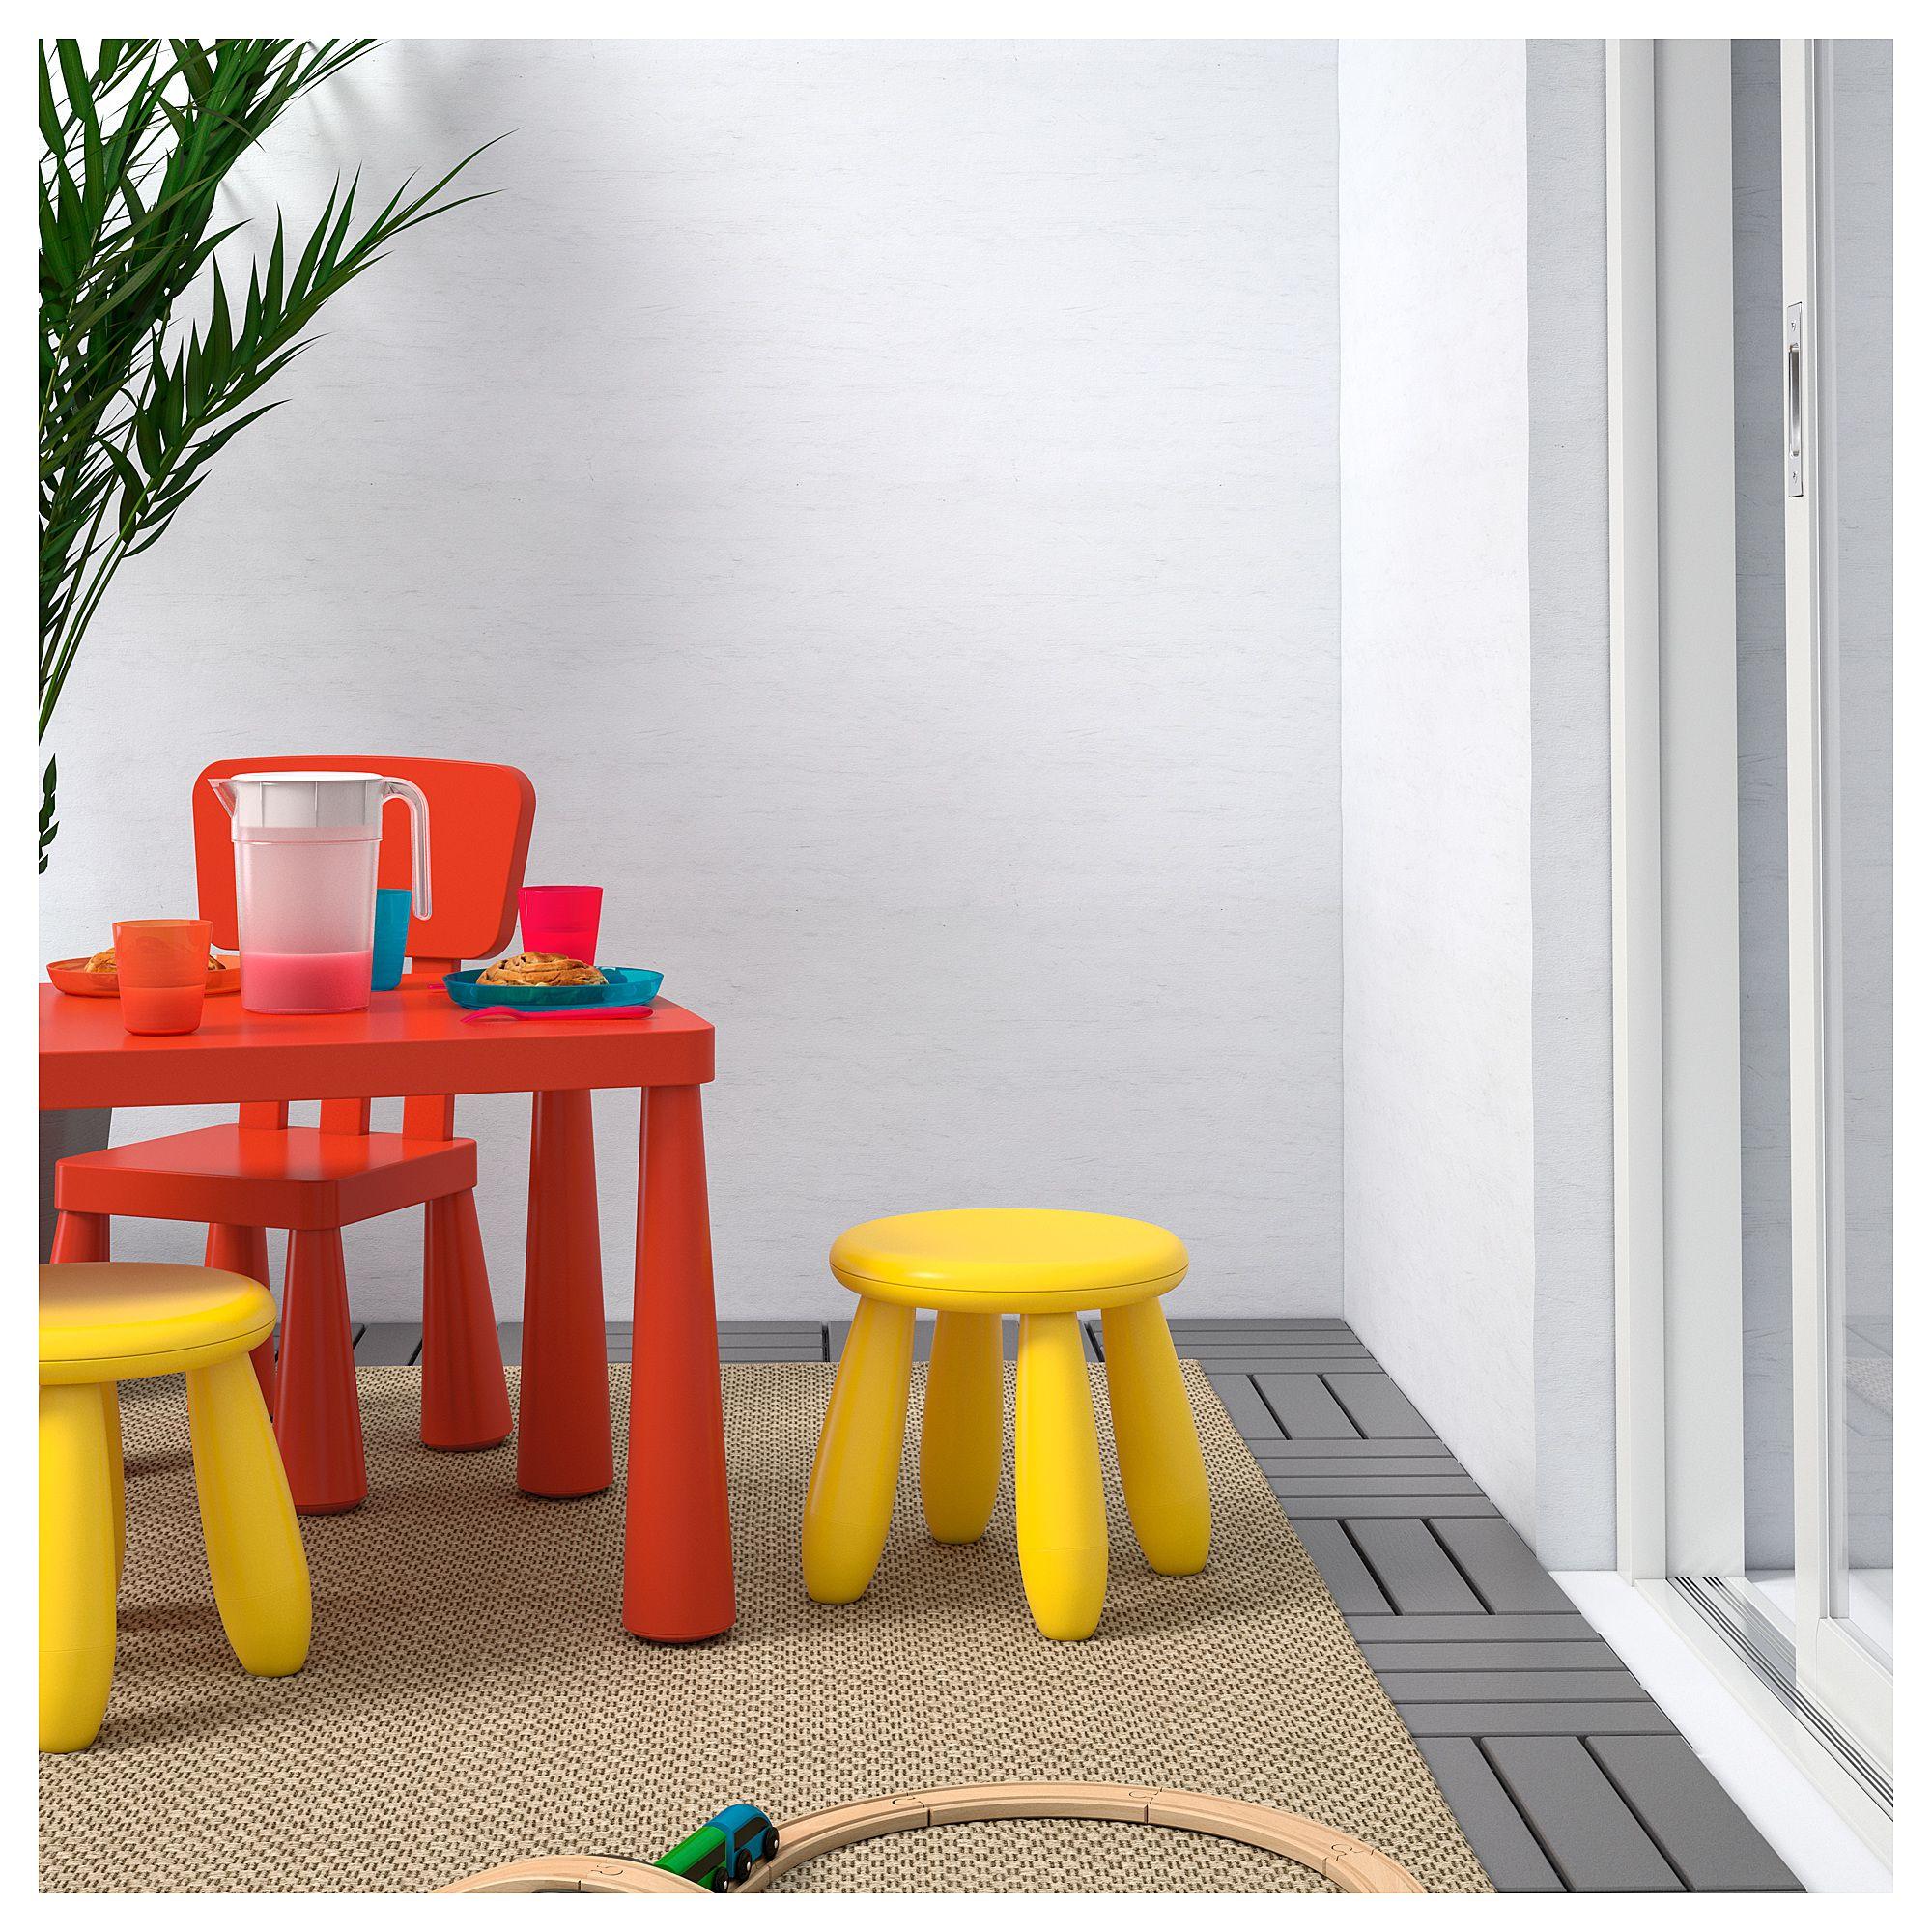 IKEA MAMMUT Children's stool indoor/outdoor, yellow